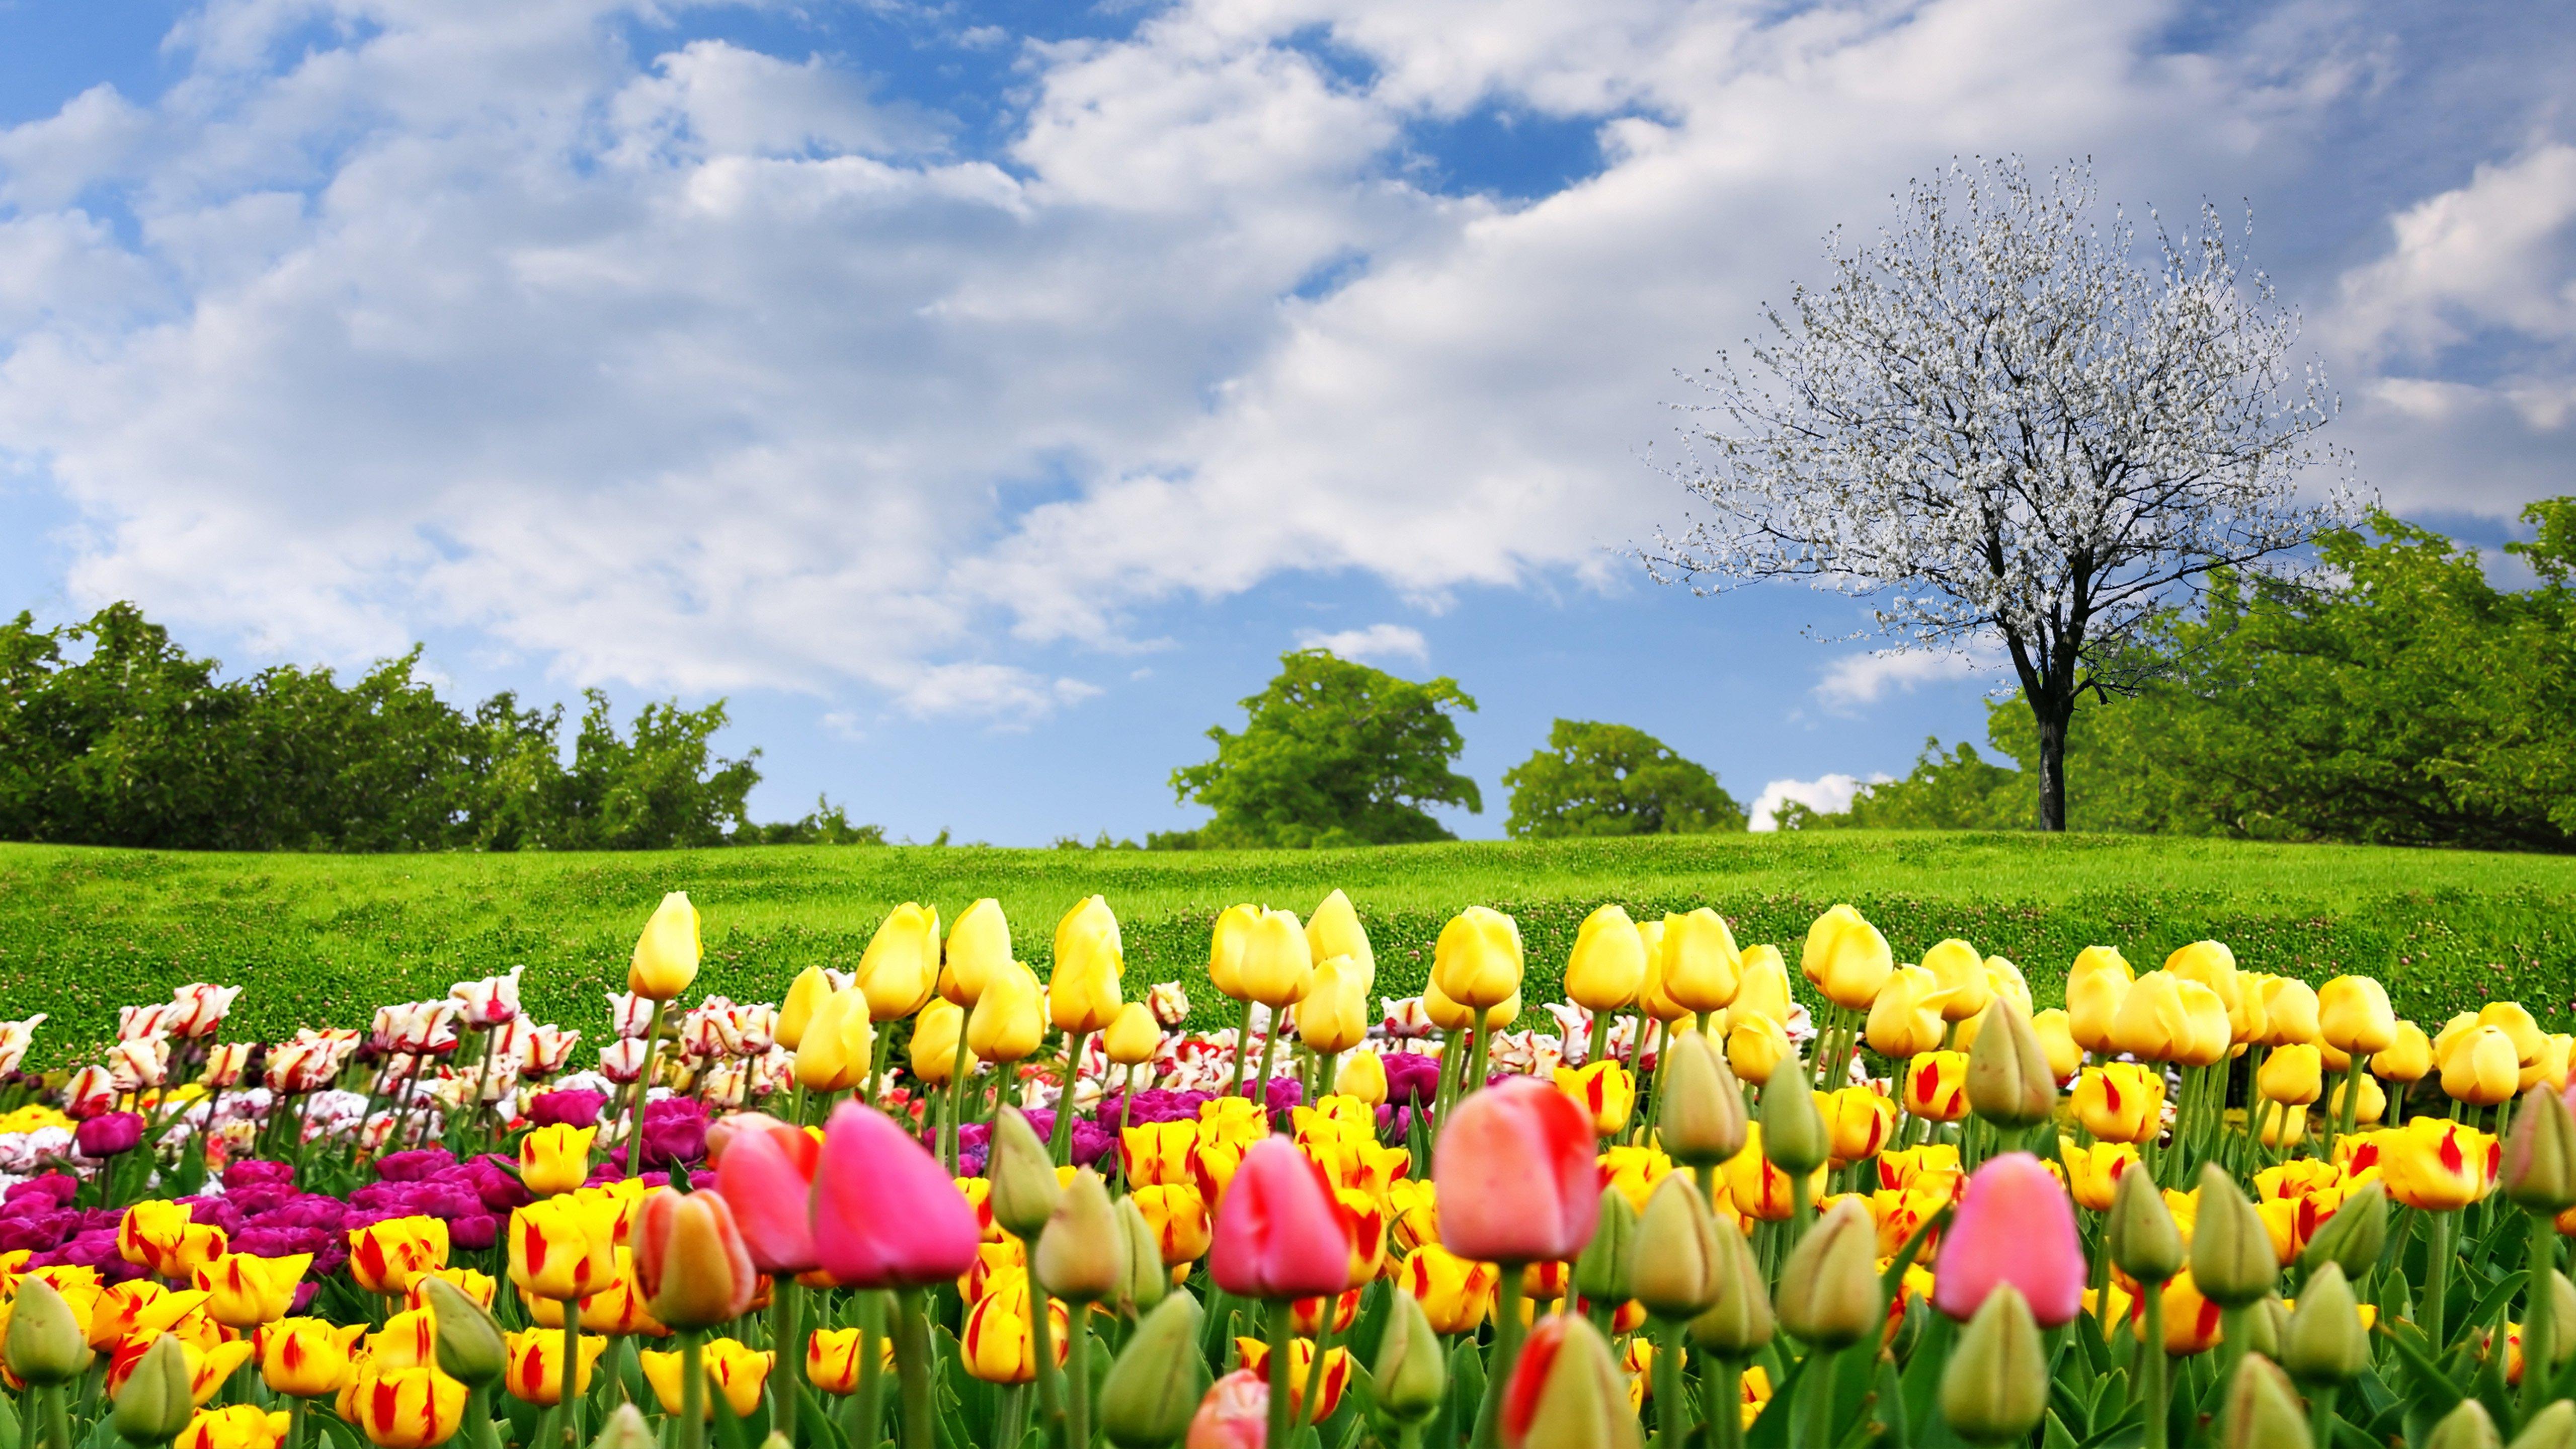 Весна... Подборка фото.  - Изображение 12